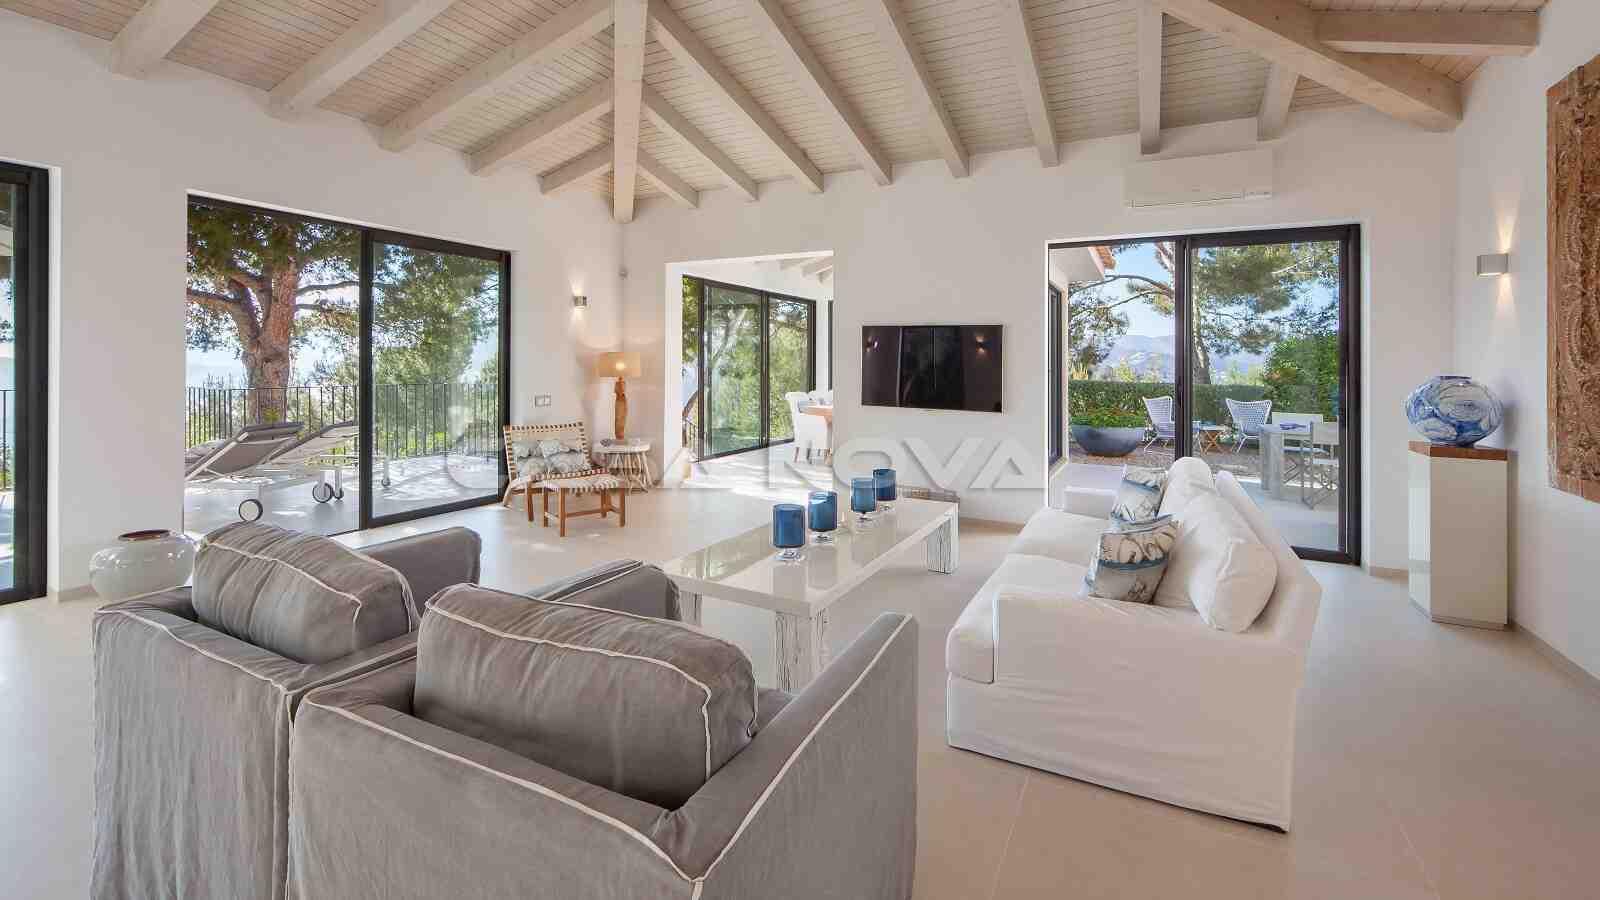 Helles Wohnzimmer mit großen Fensterfronten